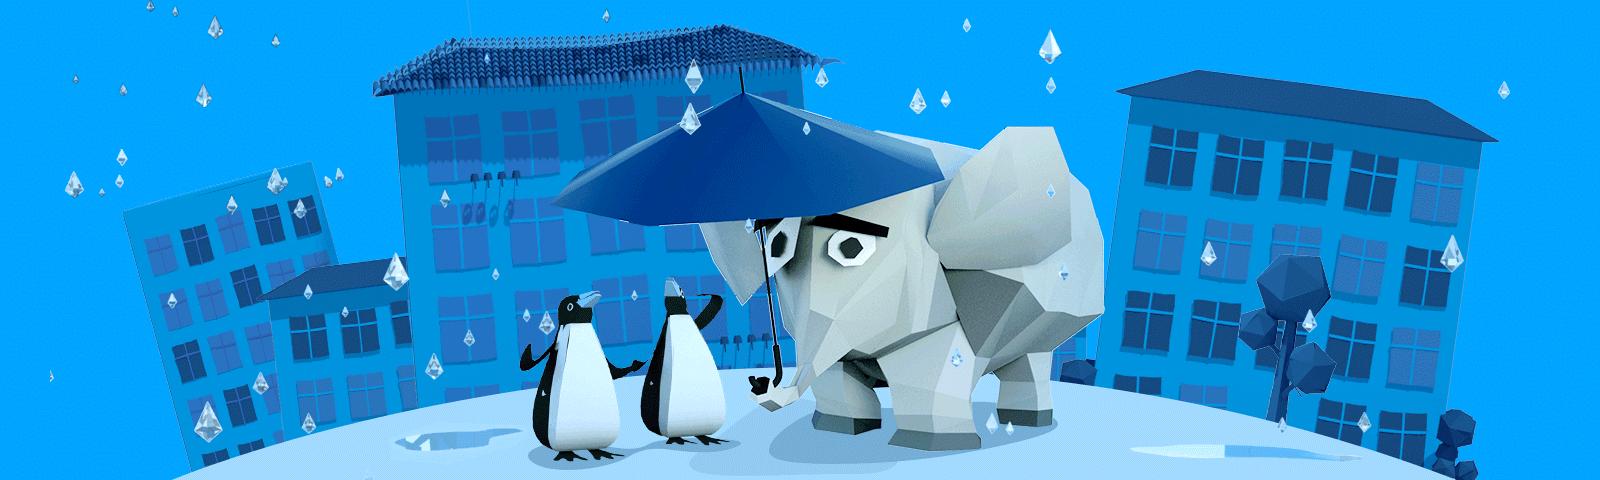 Объявлены победители конкурса «Слепи снеговика!»